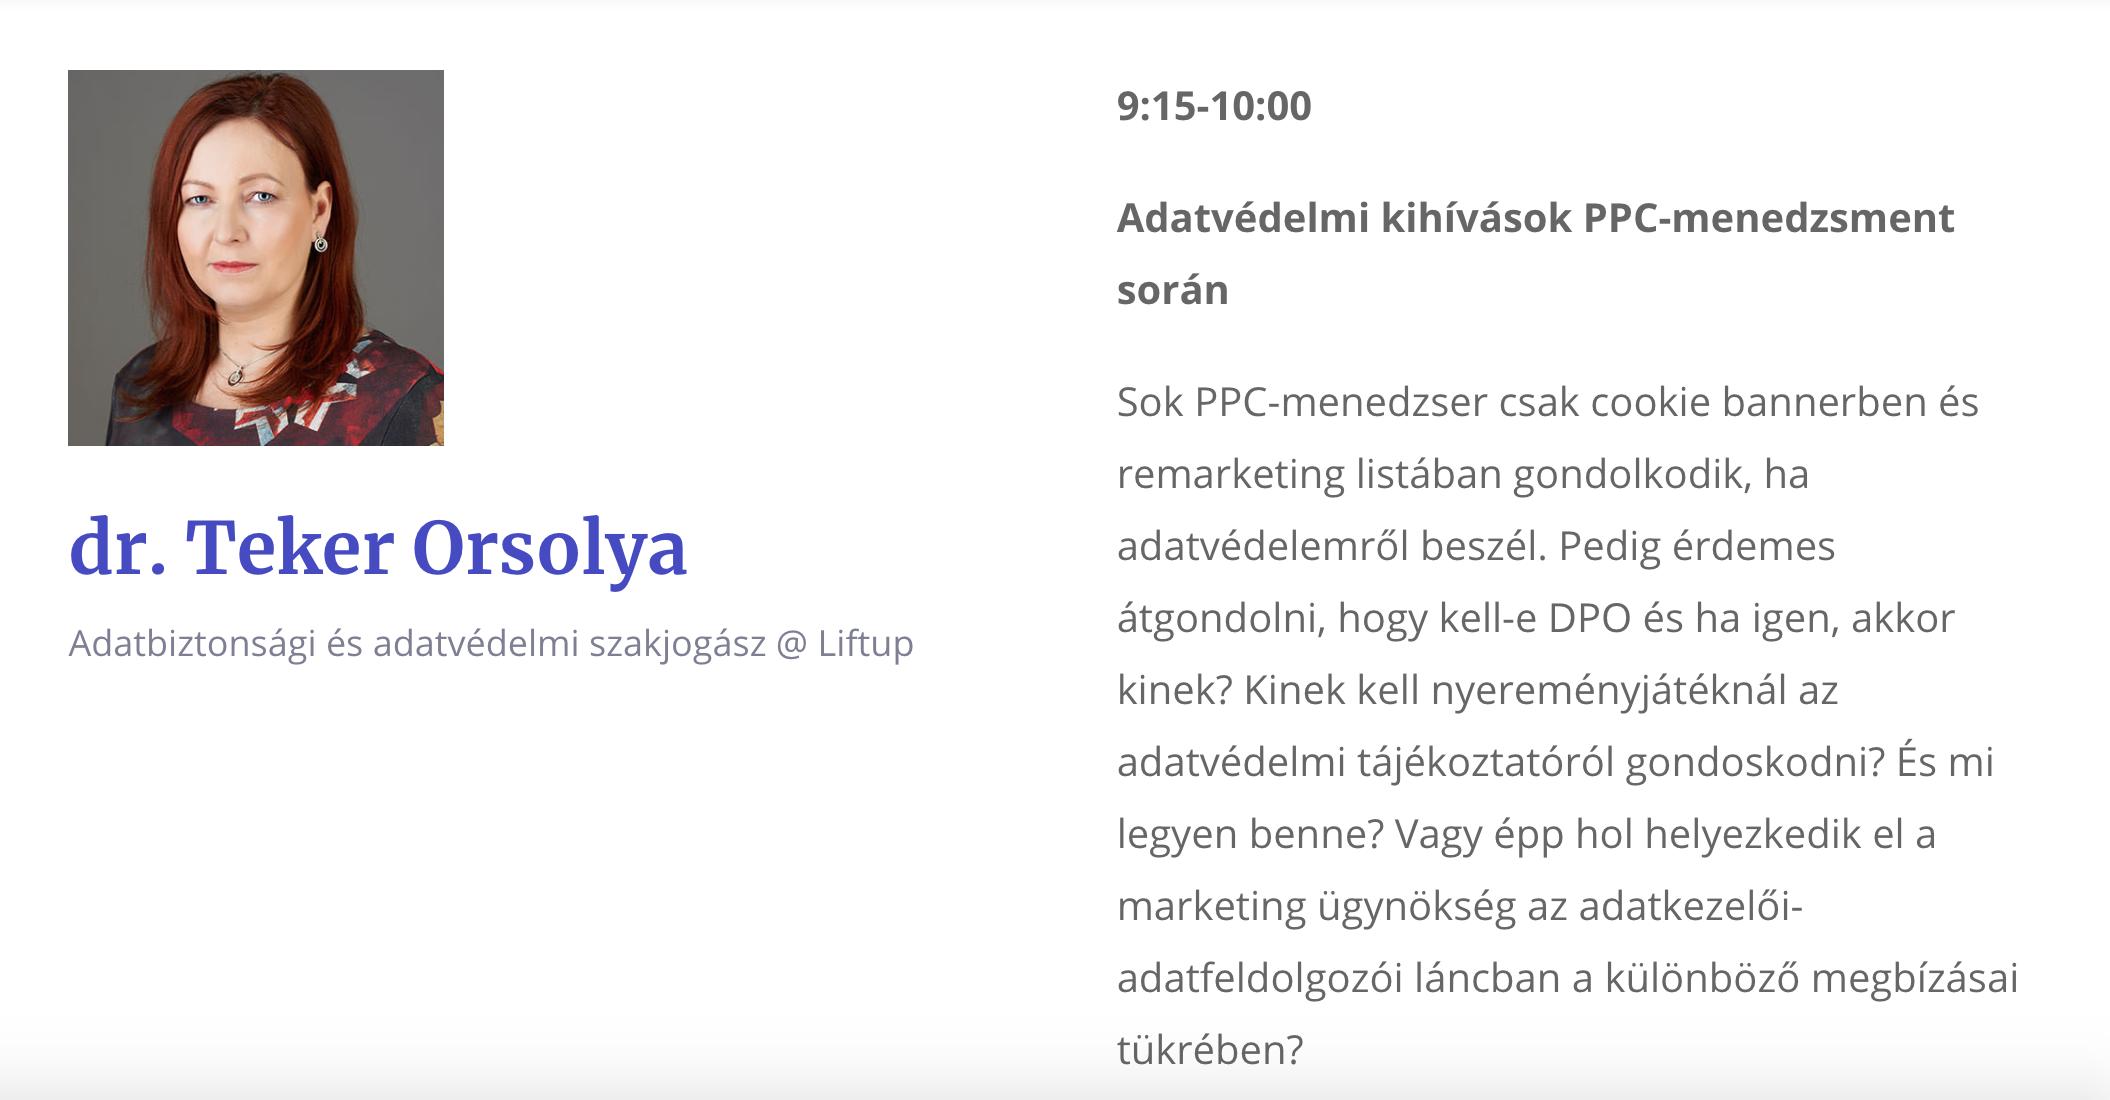 dr Teker Orsolya - Lilftup